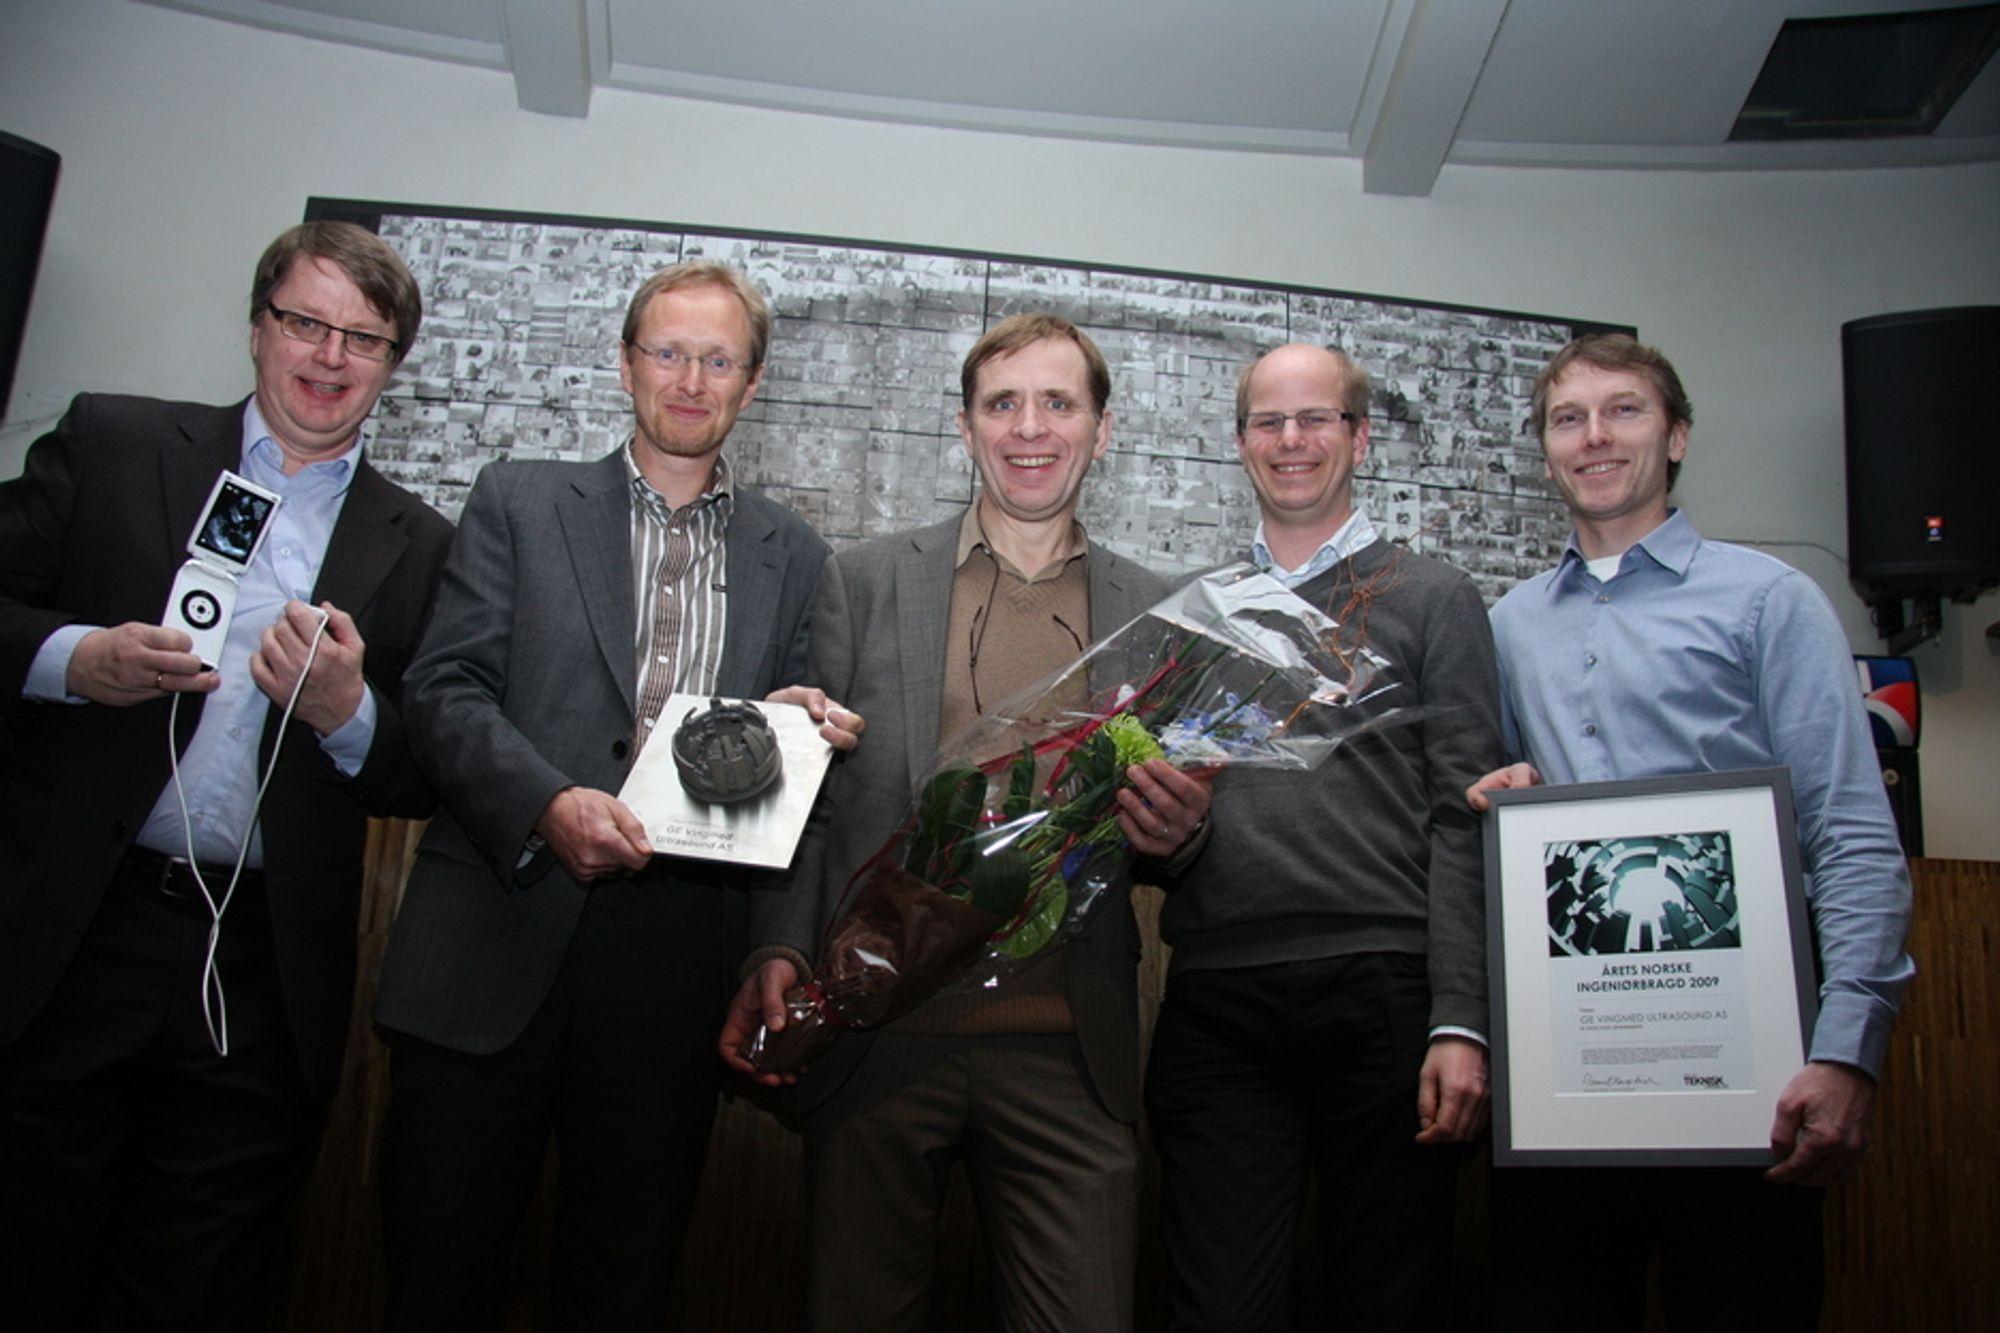 FJORÅRETS VINNER: GE Vingmed Ultrasound i Horten vant Ingeniørbragden 2009. Hvem vinner i år? Fra venstre: Håkon Høye, Dagfinn Sætre, Kjell Kristoffersen, Anders Torp og Vidar Lundberg.